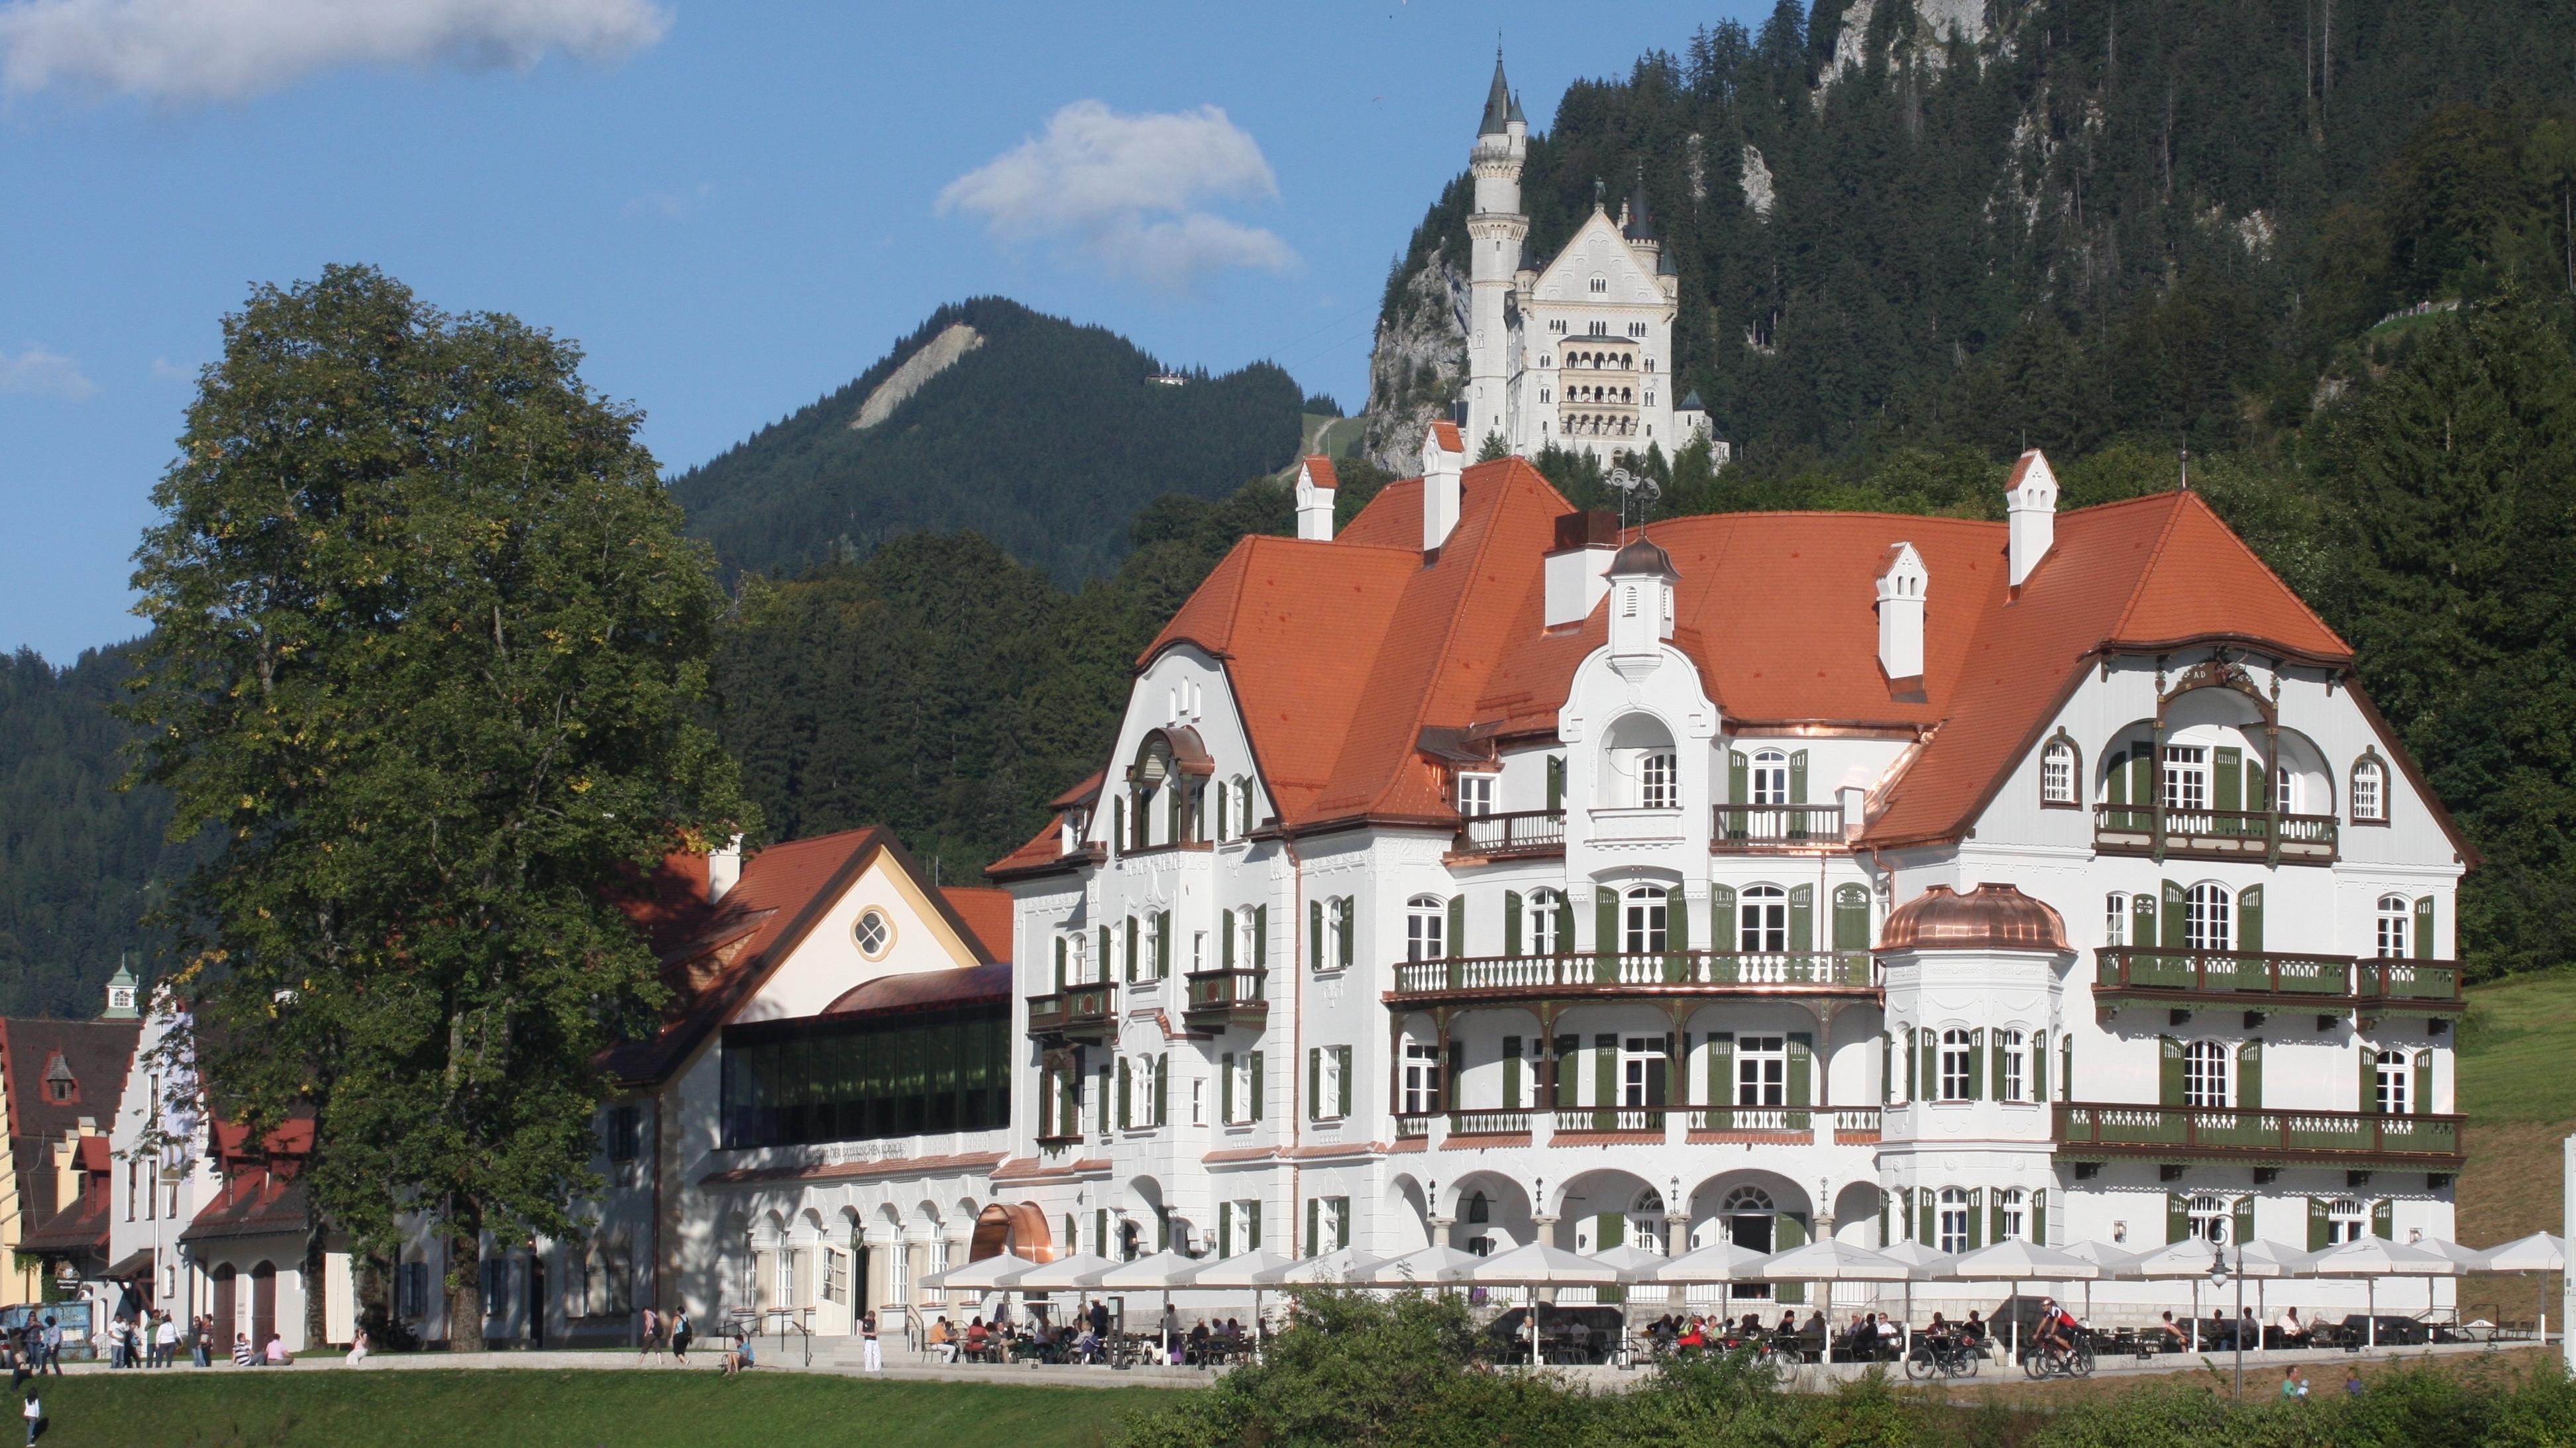 Außenaufnahme des Hotels Ameron Neuschwanstein Alpsee Resort & Spa.